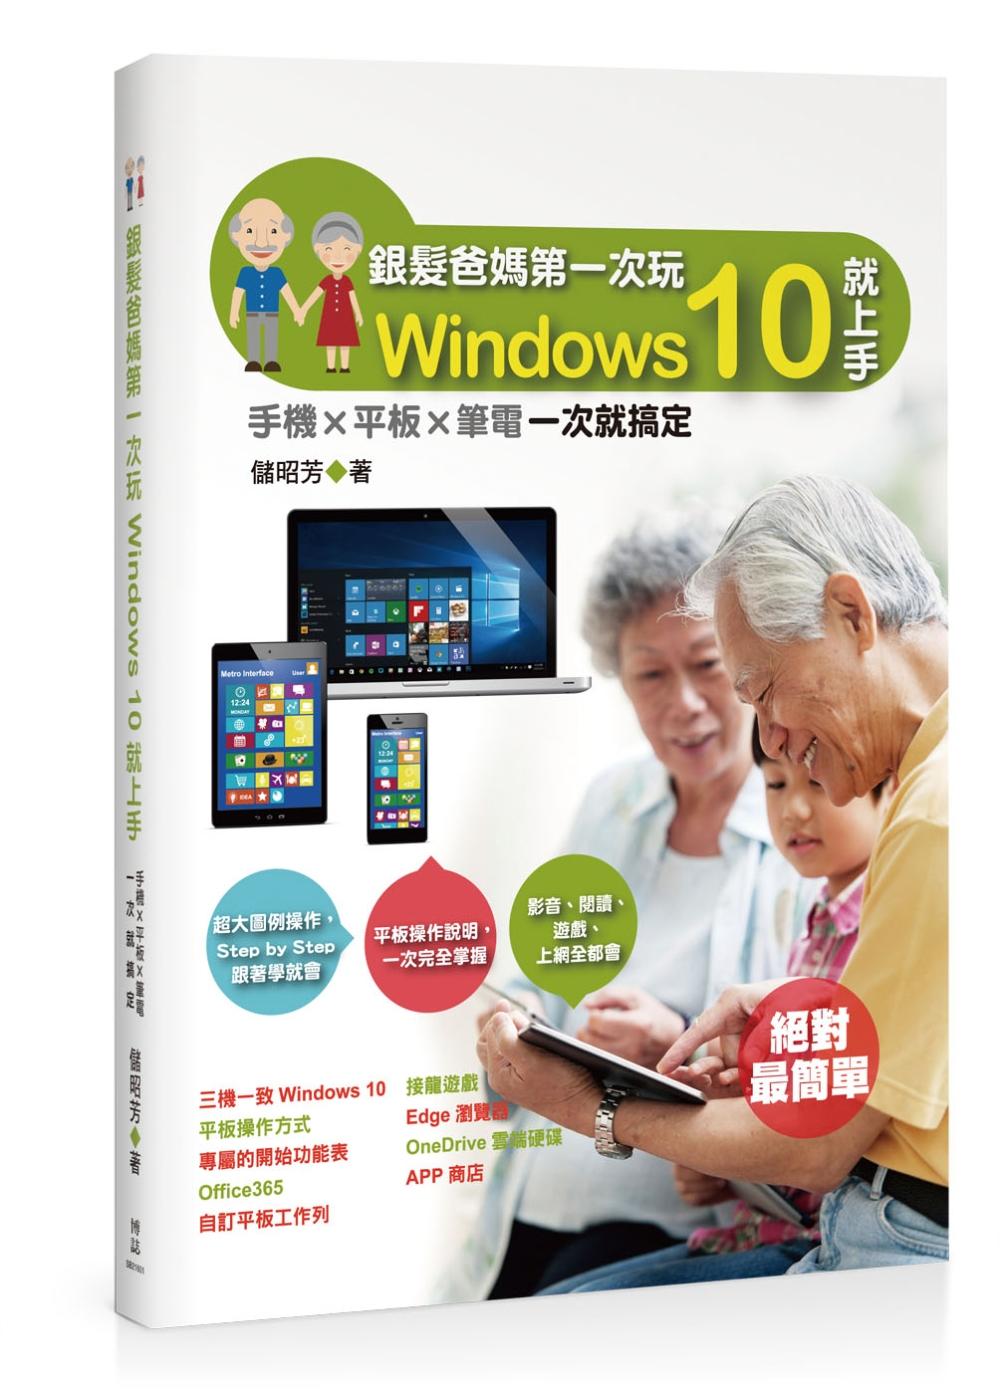 銀髮爸媽第一次玩Windows...